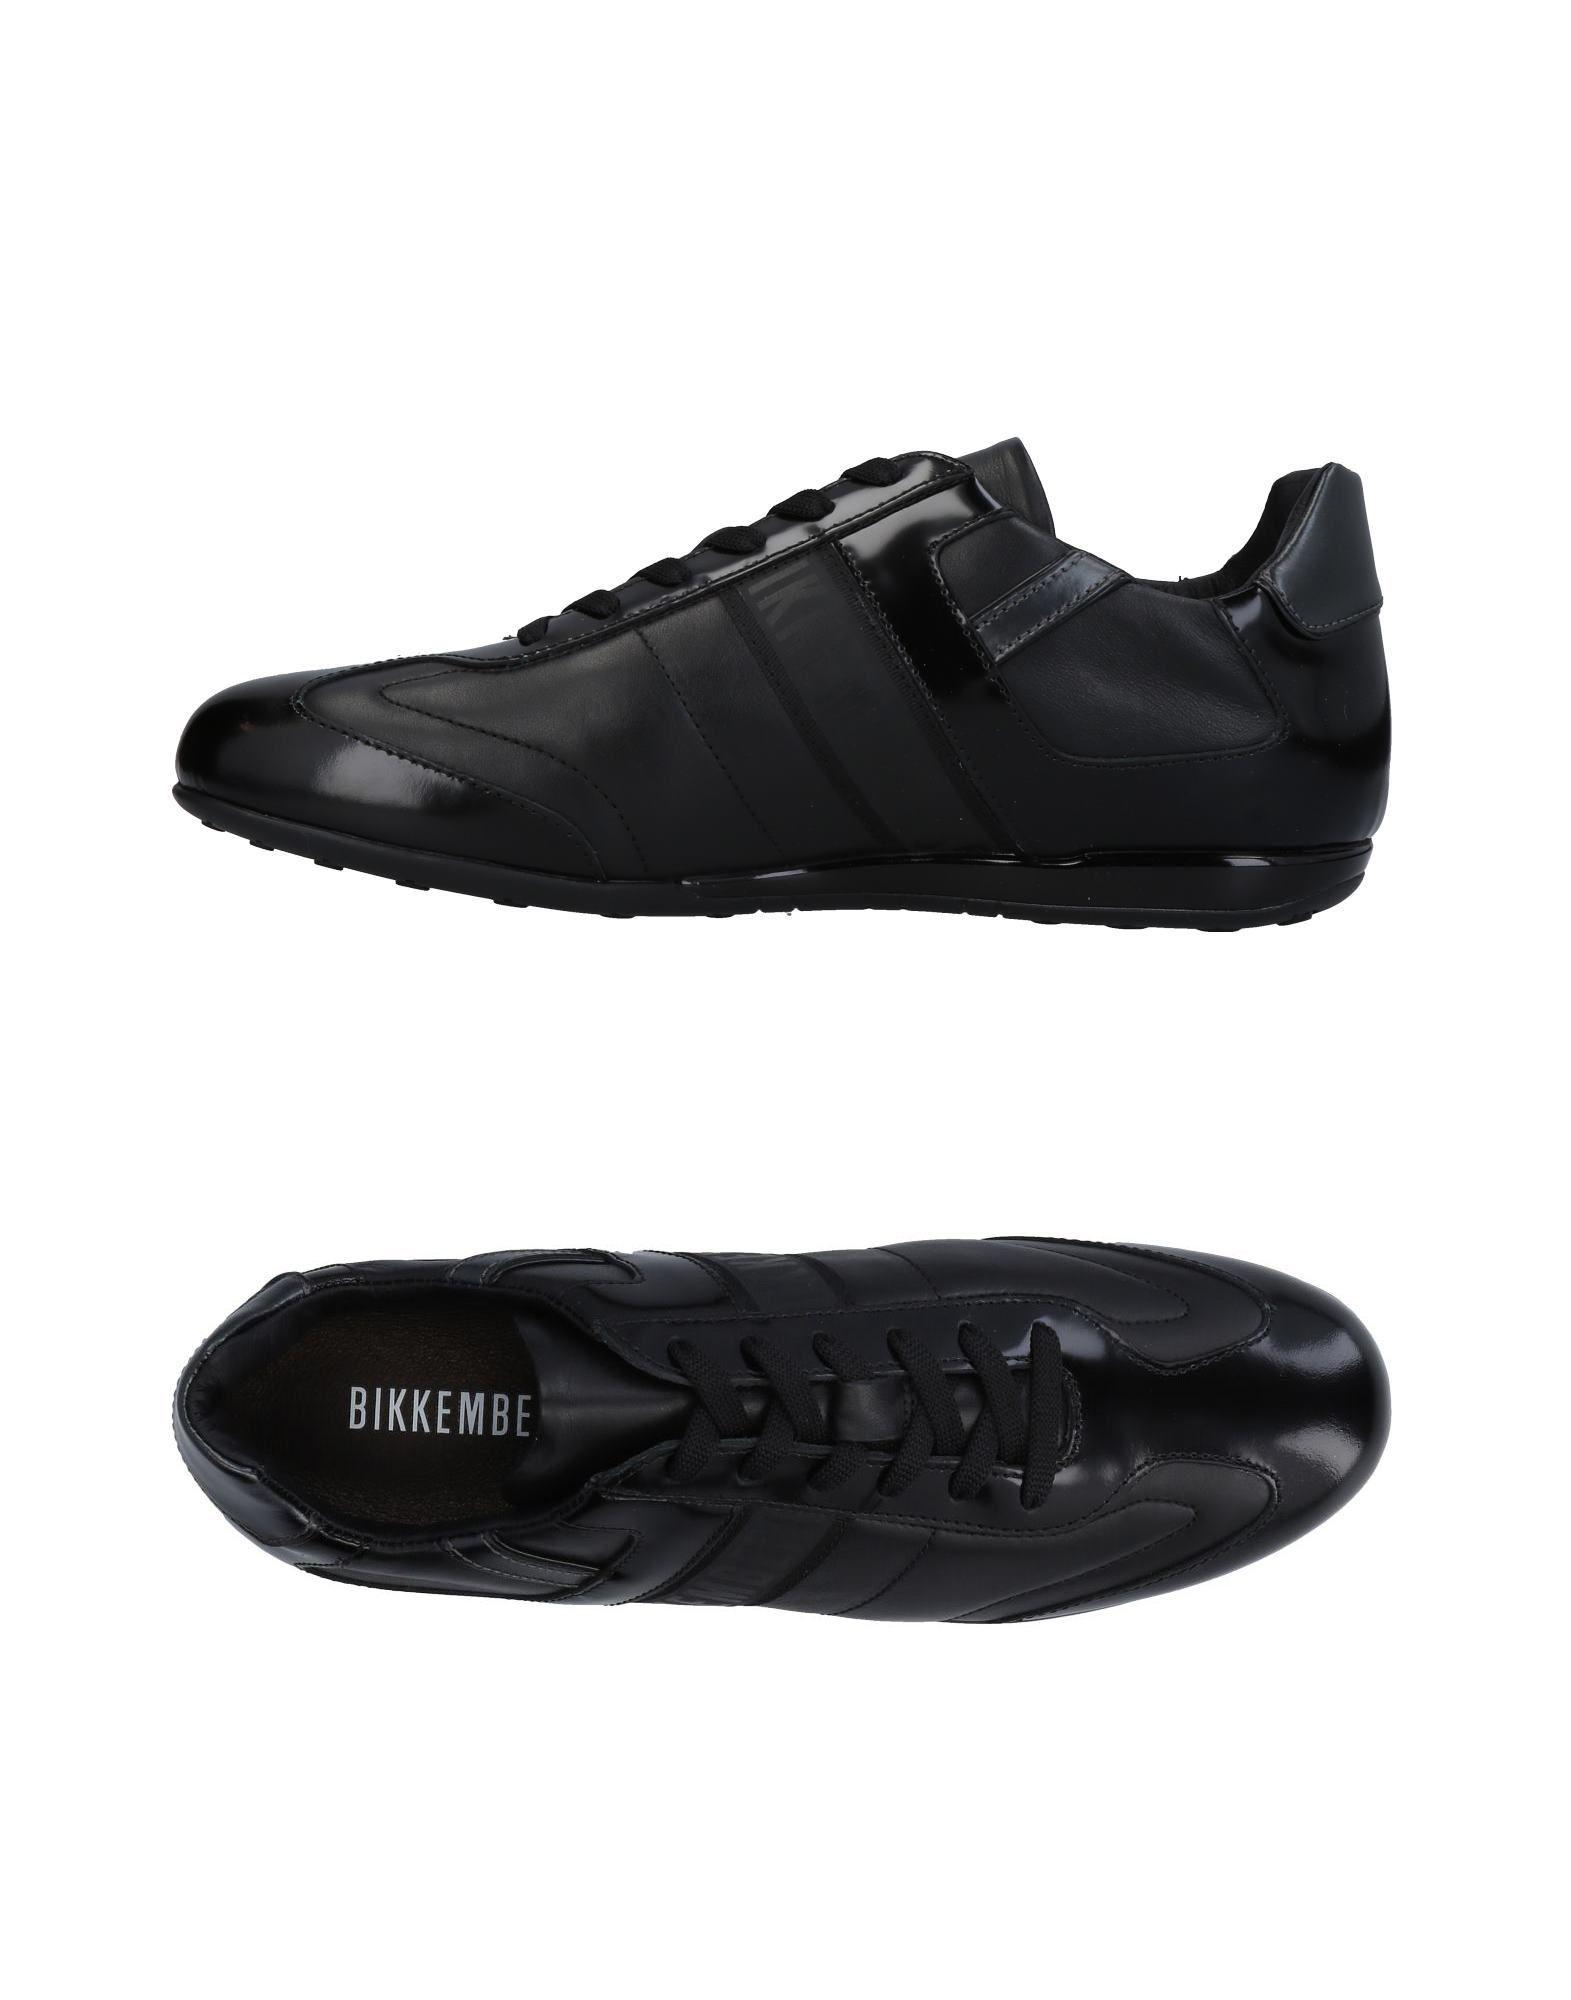 Scarpe economiche e resistenti Sneakers Bikkembergs Uomo - 11450660KI